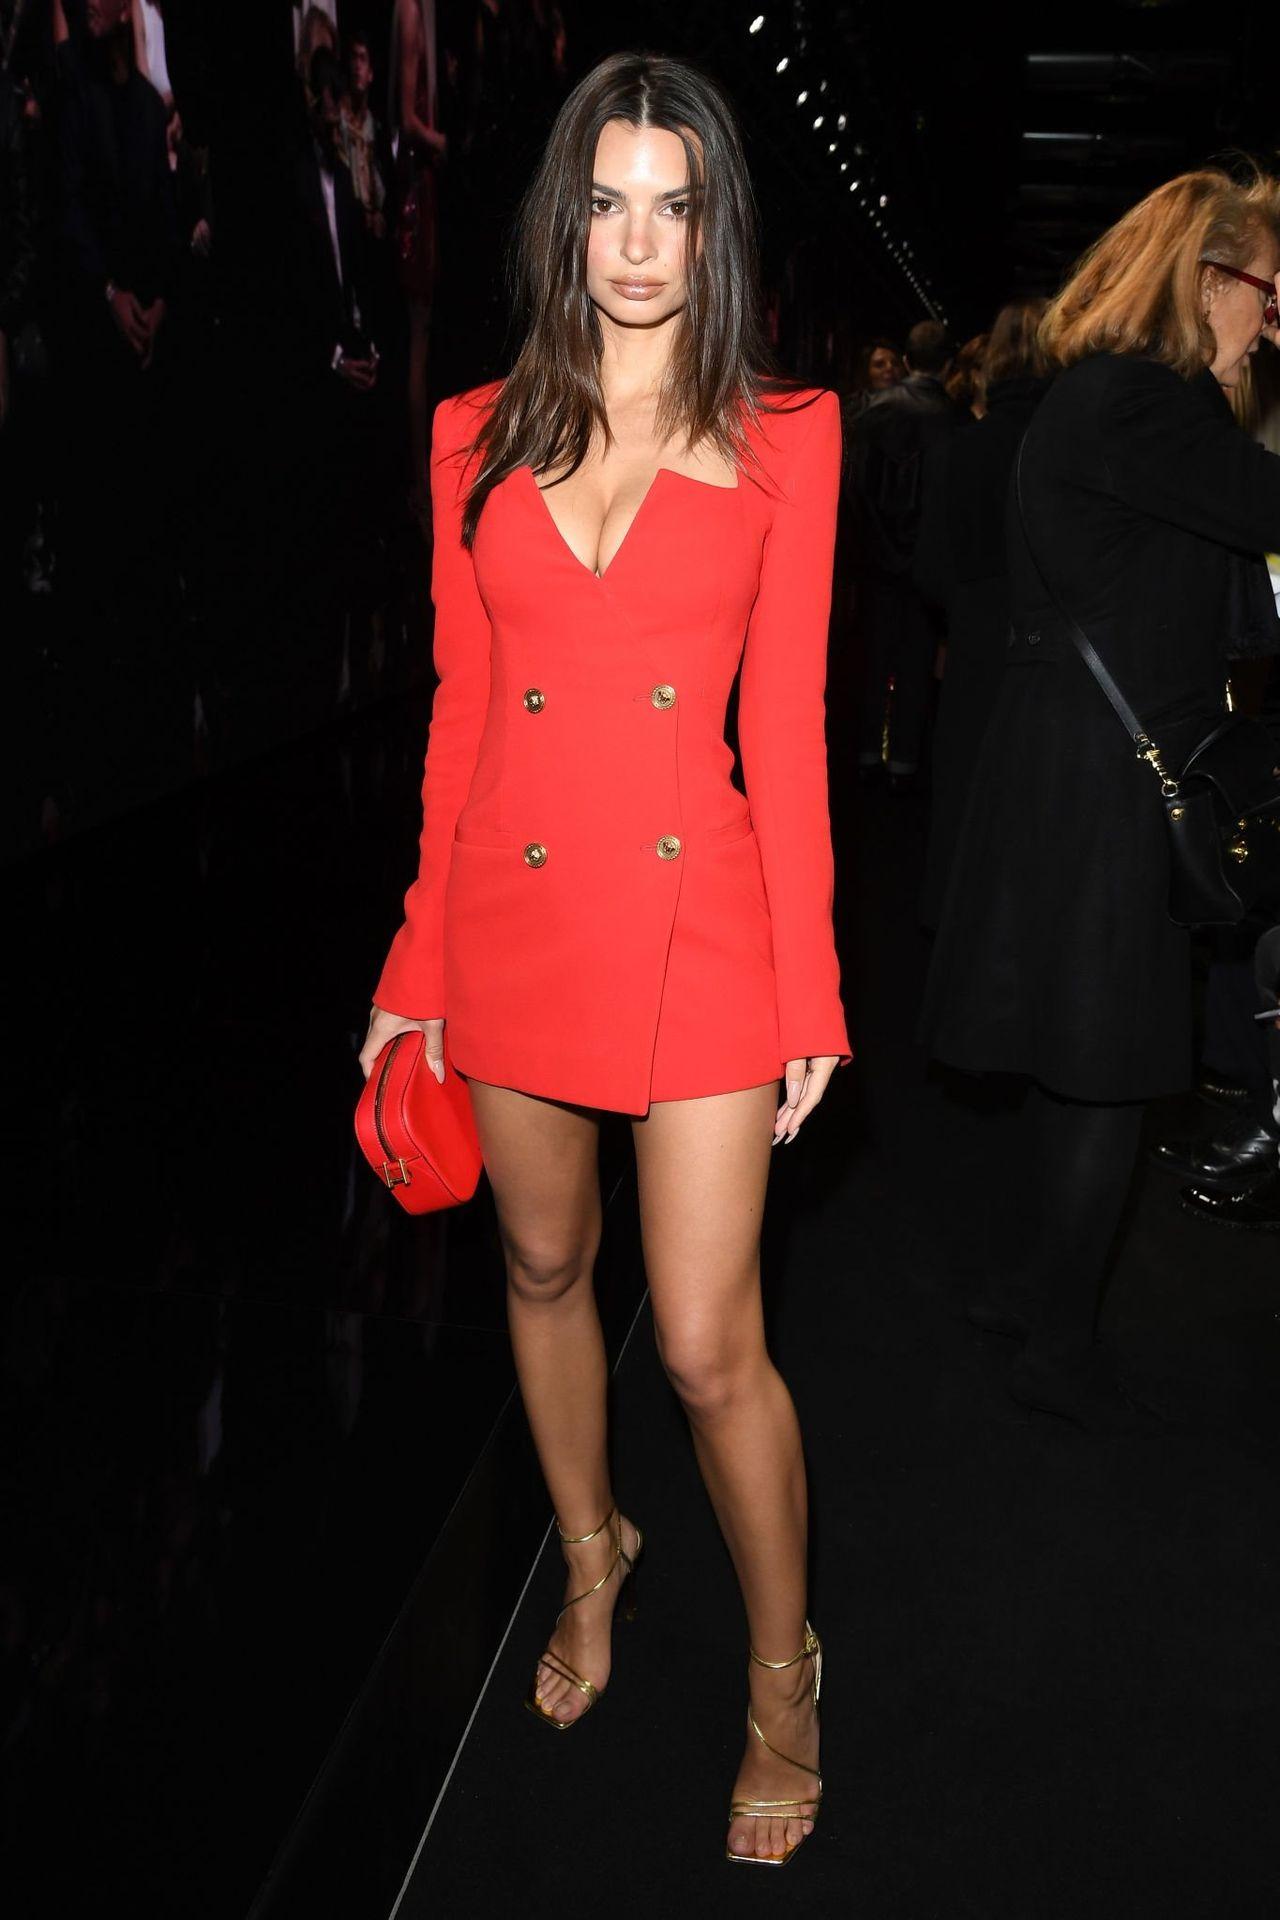 Emily Ratajkowski Stuns At The Versace Fashion Show During Milan Fashion Week 0005